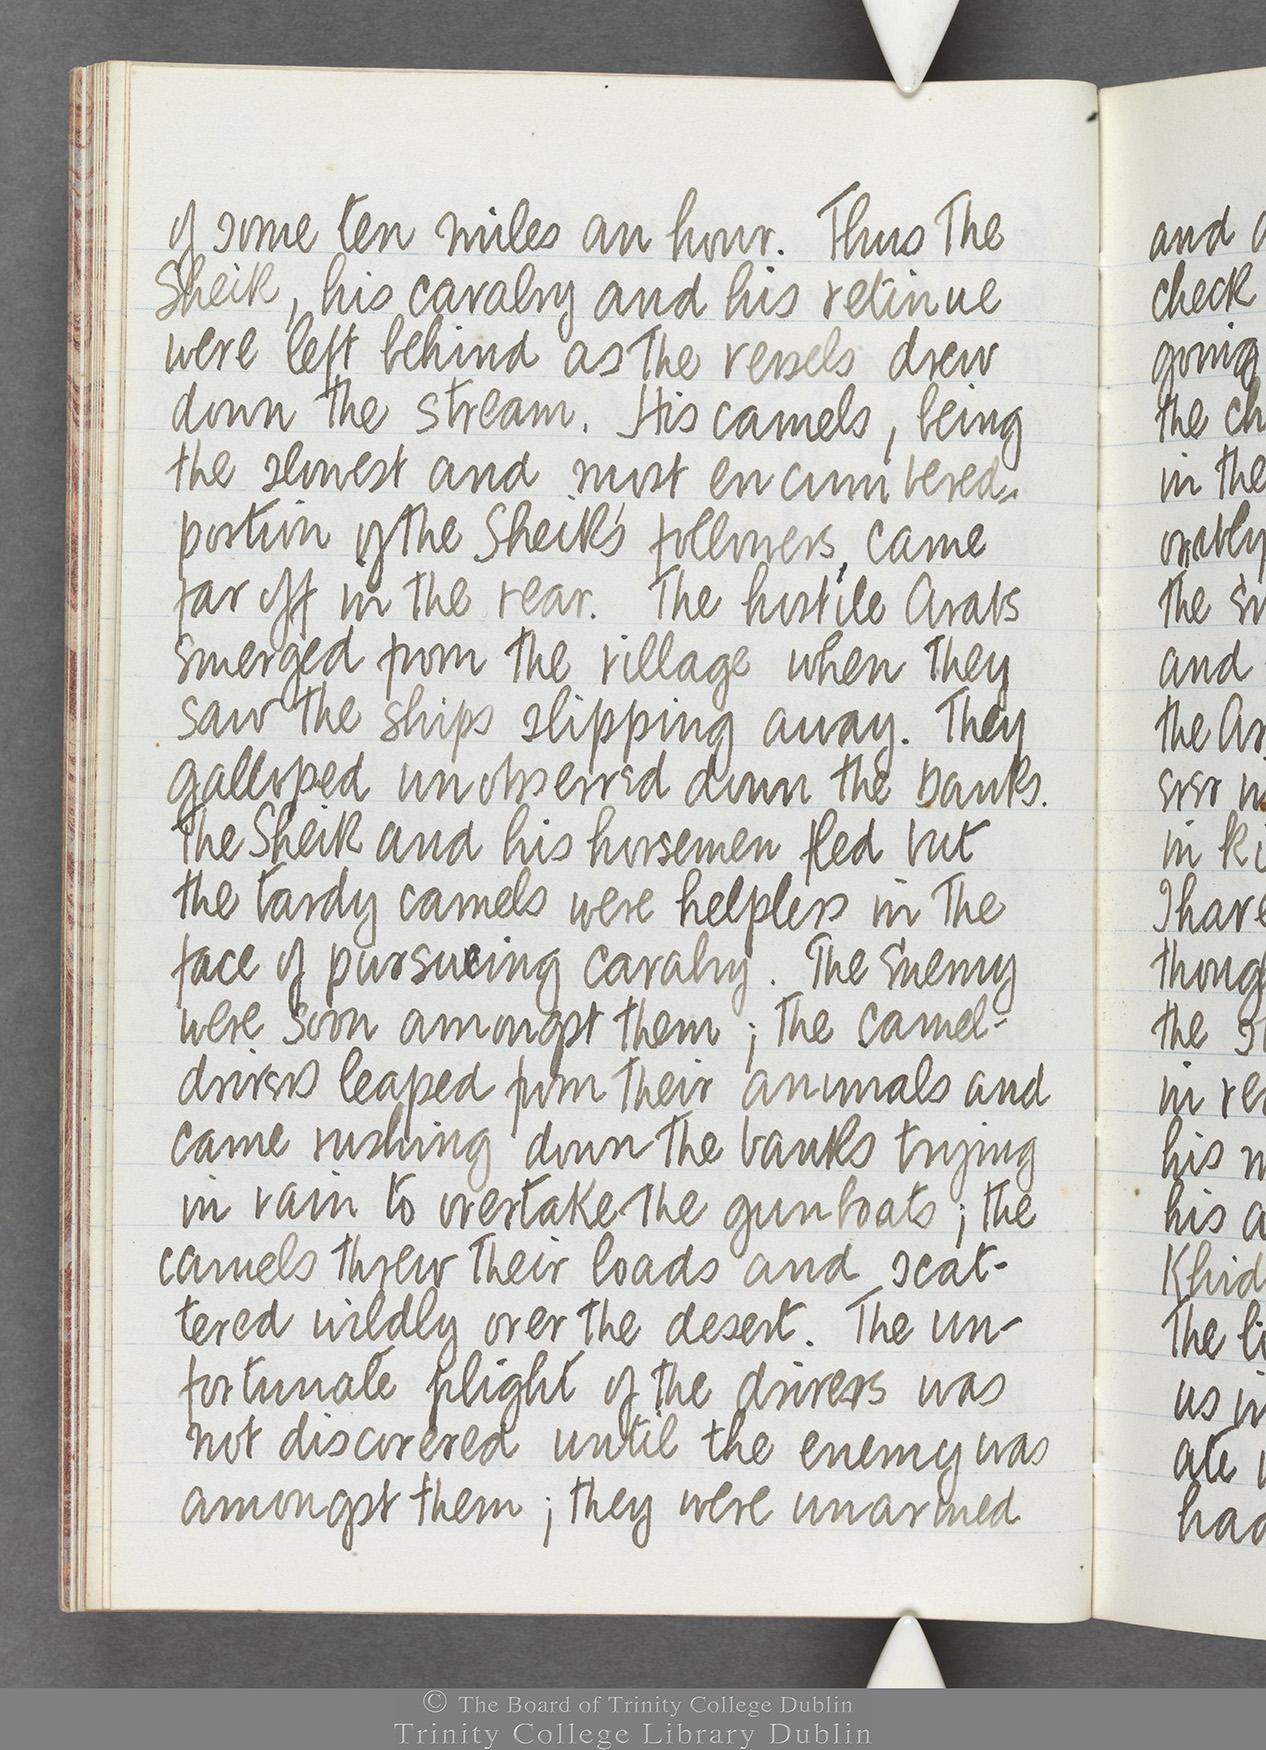 TCD MS 10516 folio 23 verso